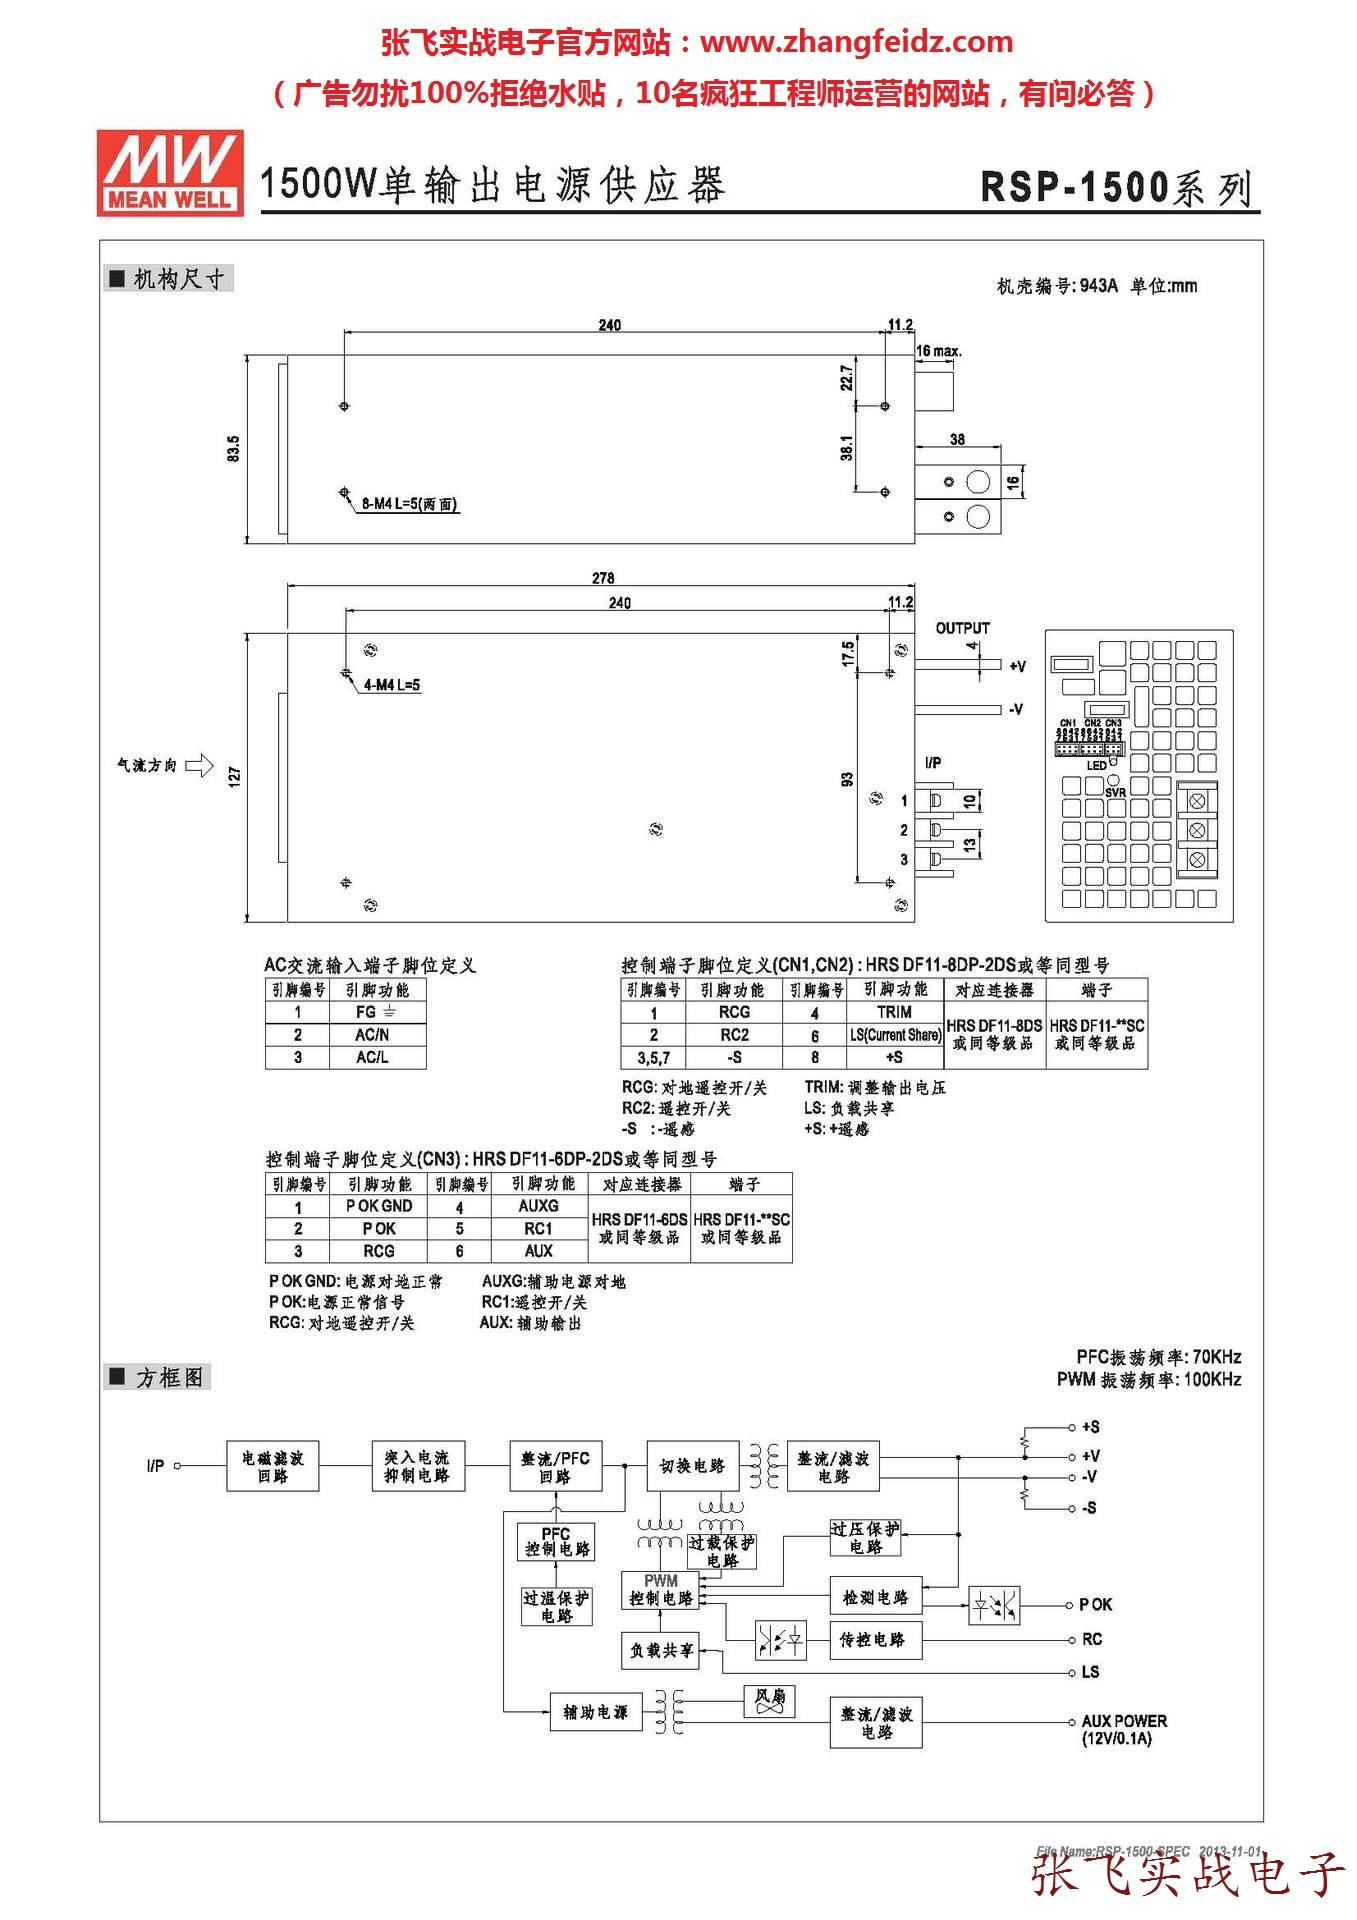 RSP-1500系列机构尺寸和方框图.jpg